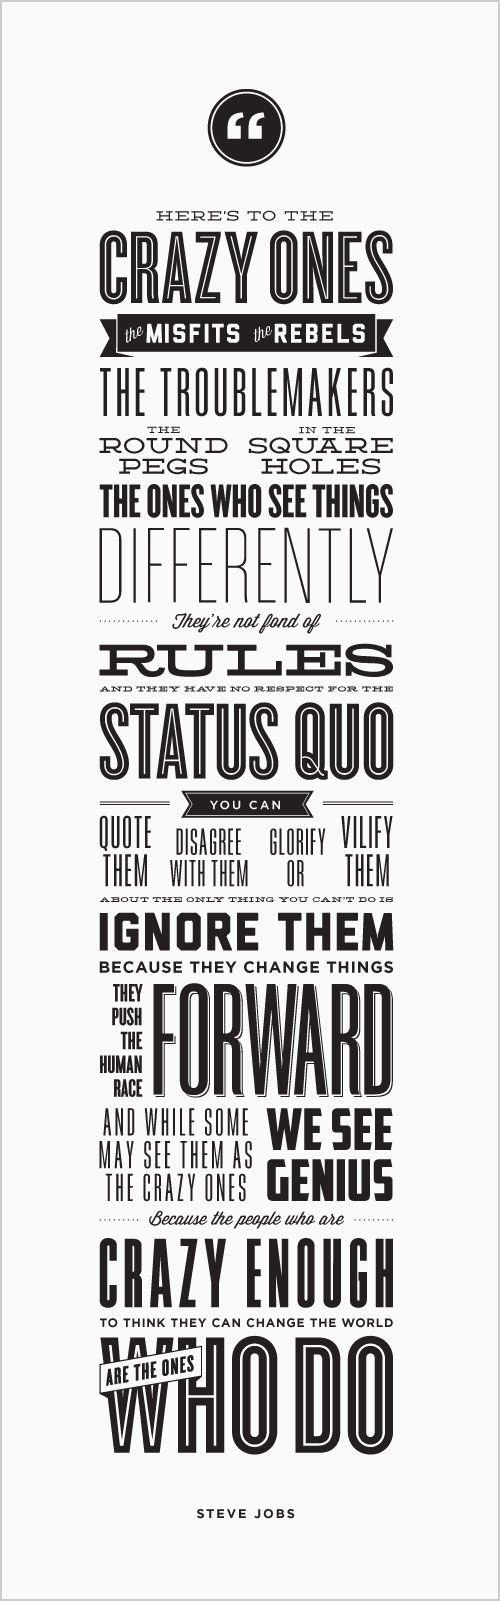 15 Best Inspirational & Motivational Posters from Designbolts ...